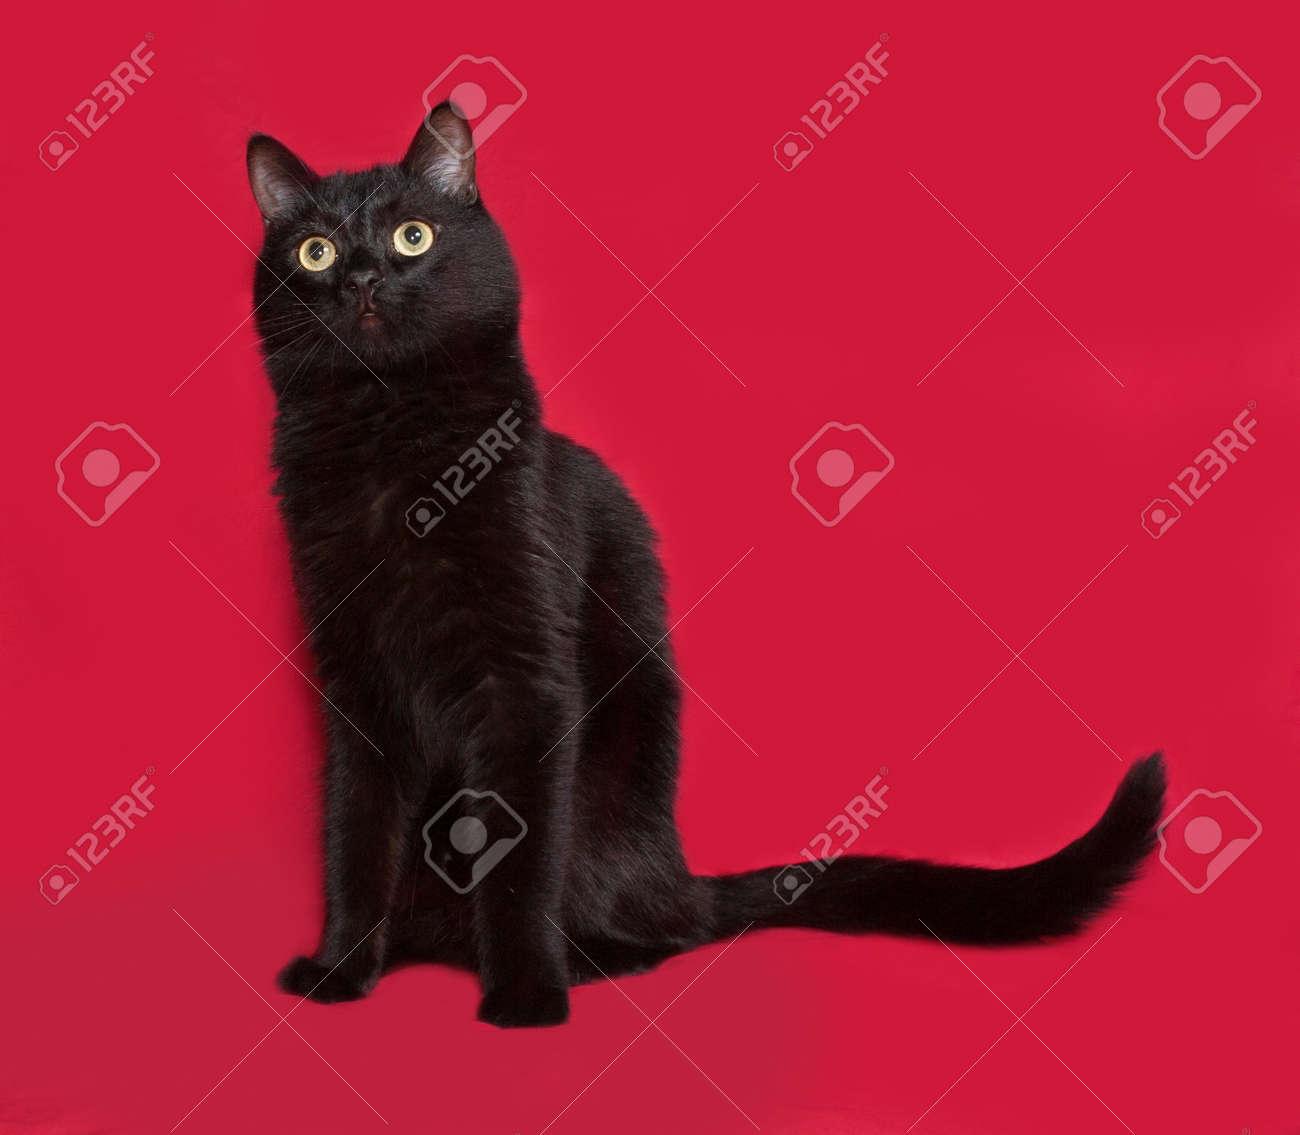 Immagini Stock Gatto Nero Seduto Su Sfondo Rosso Image 43692034